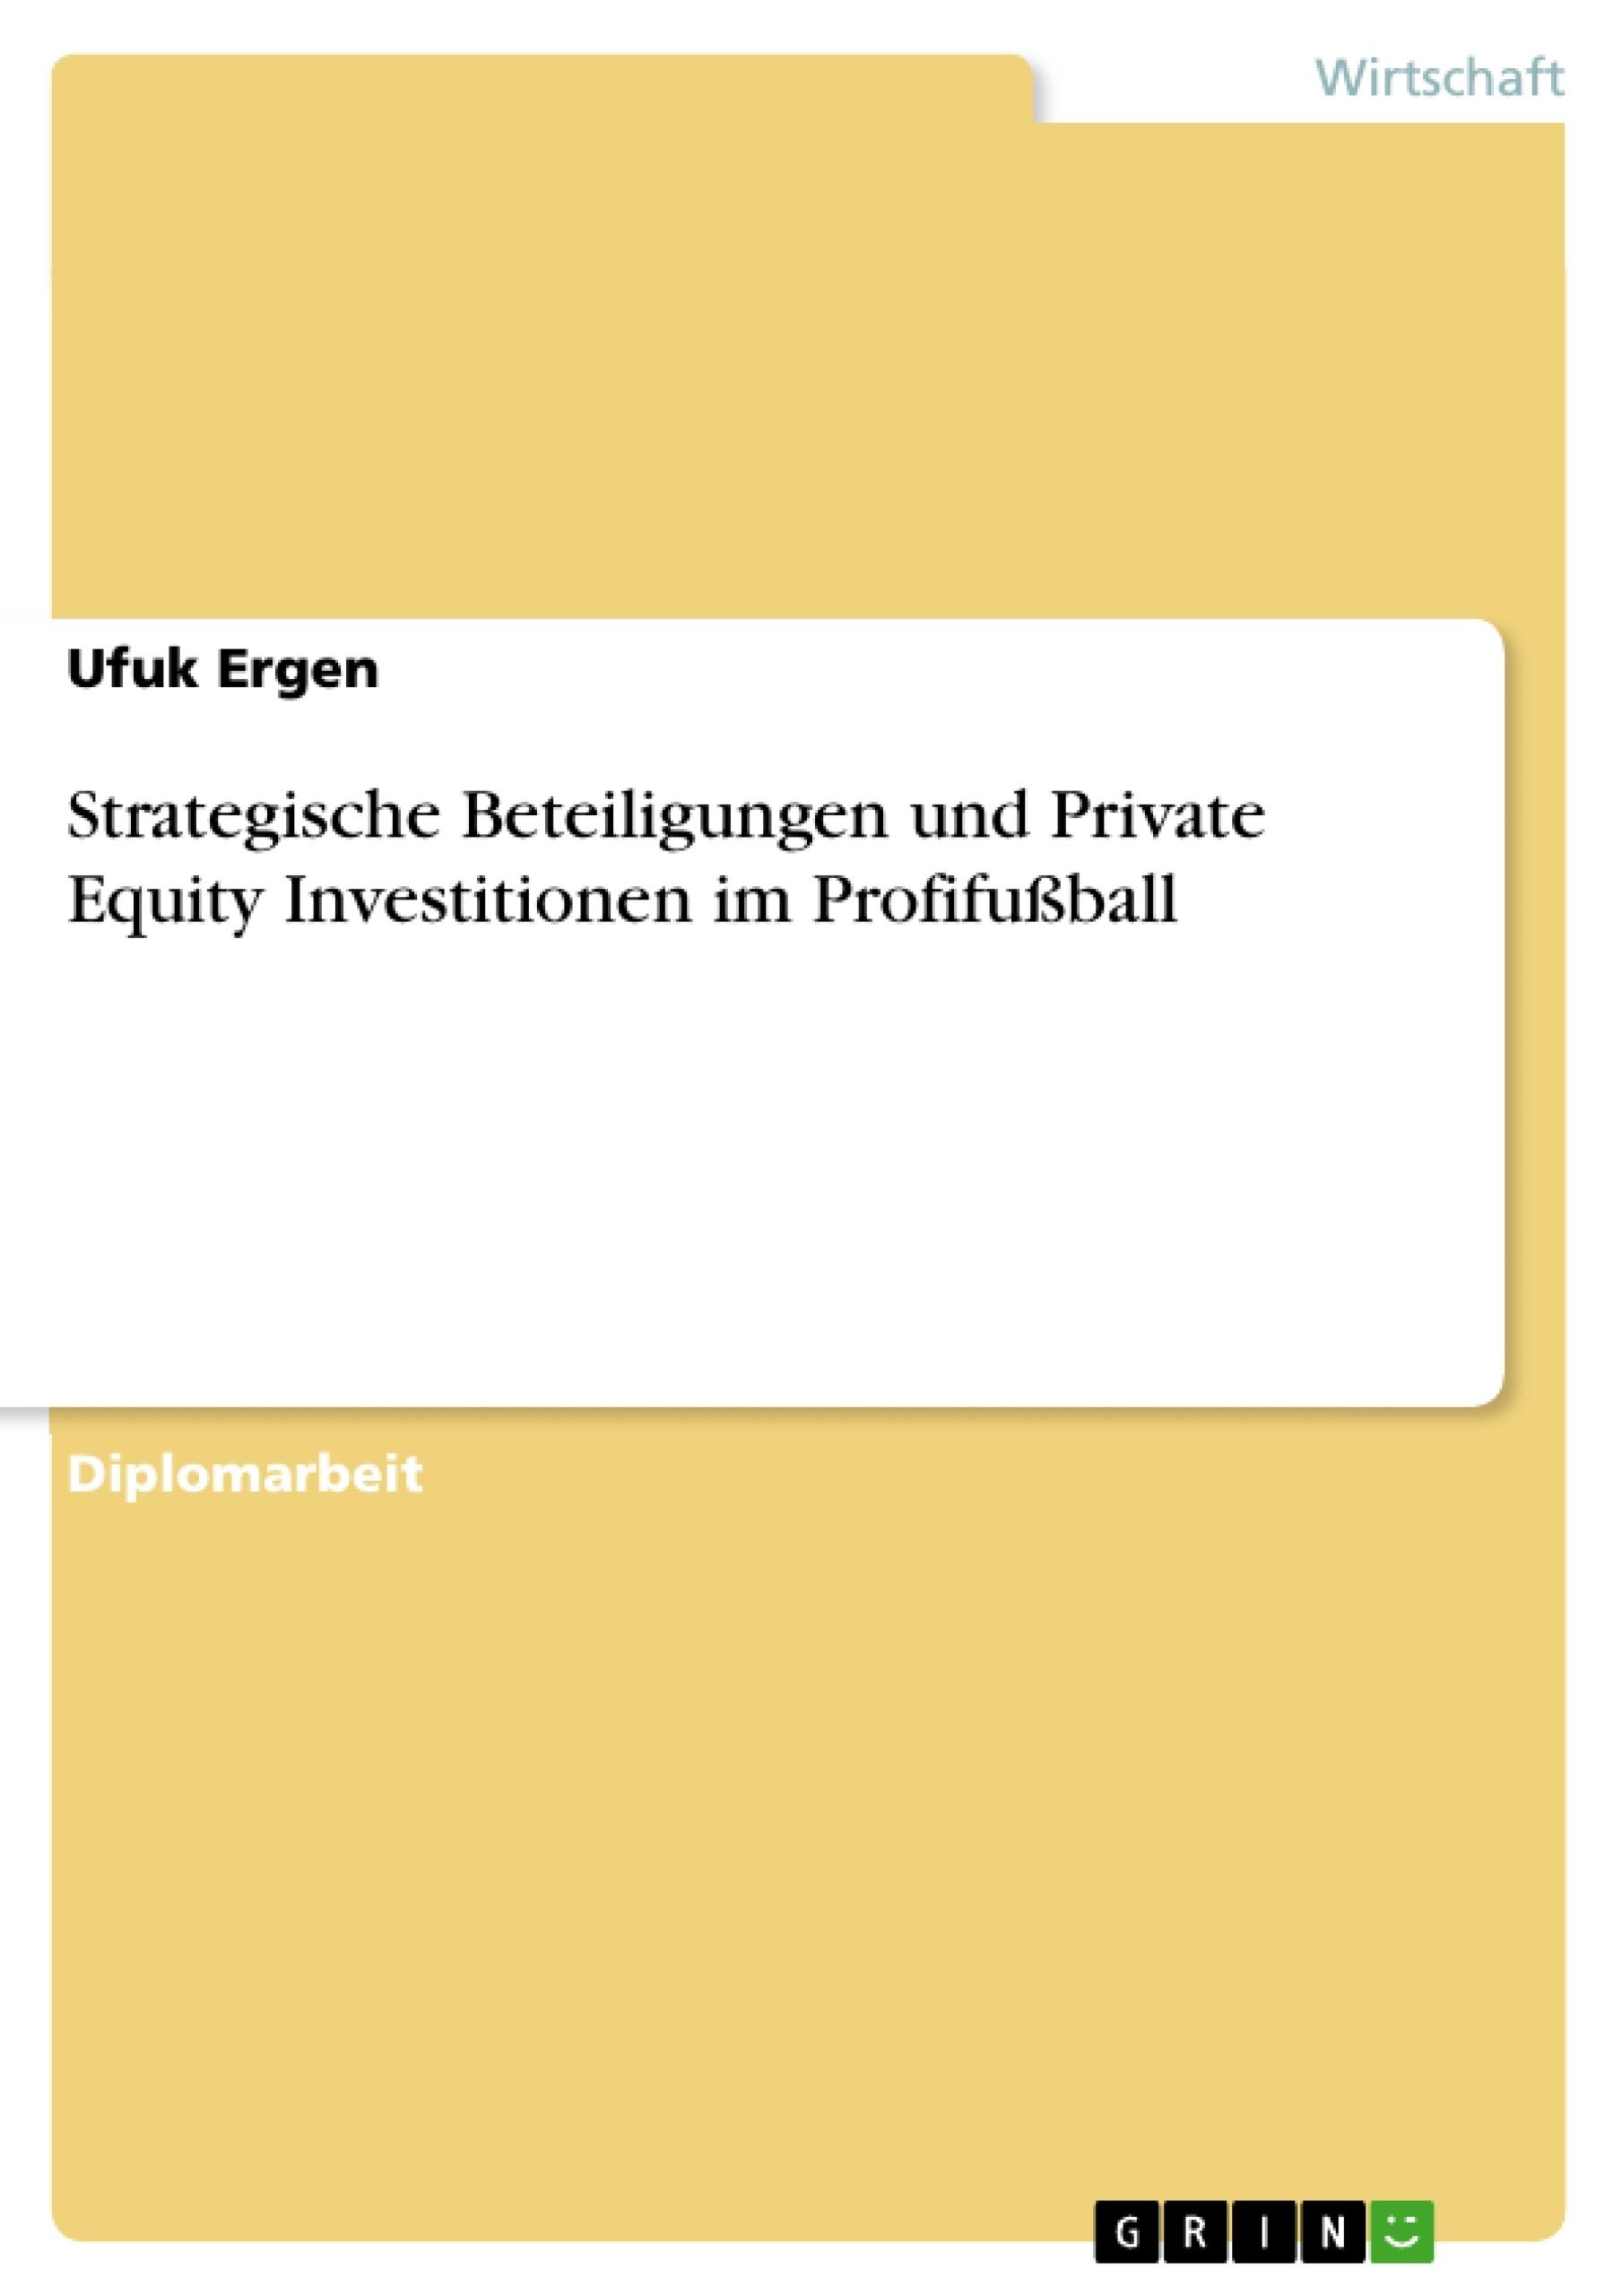 Titel: Strategische Beteiligungen und Private Equity Investitionen im Profifußball